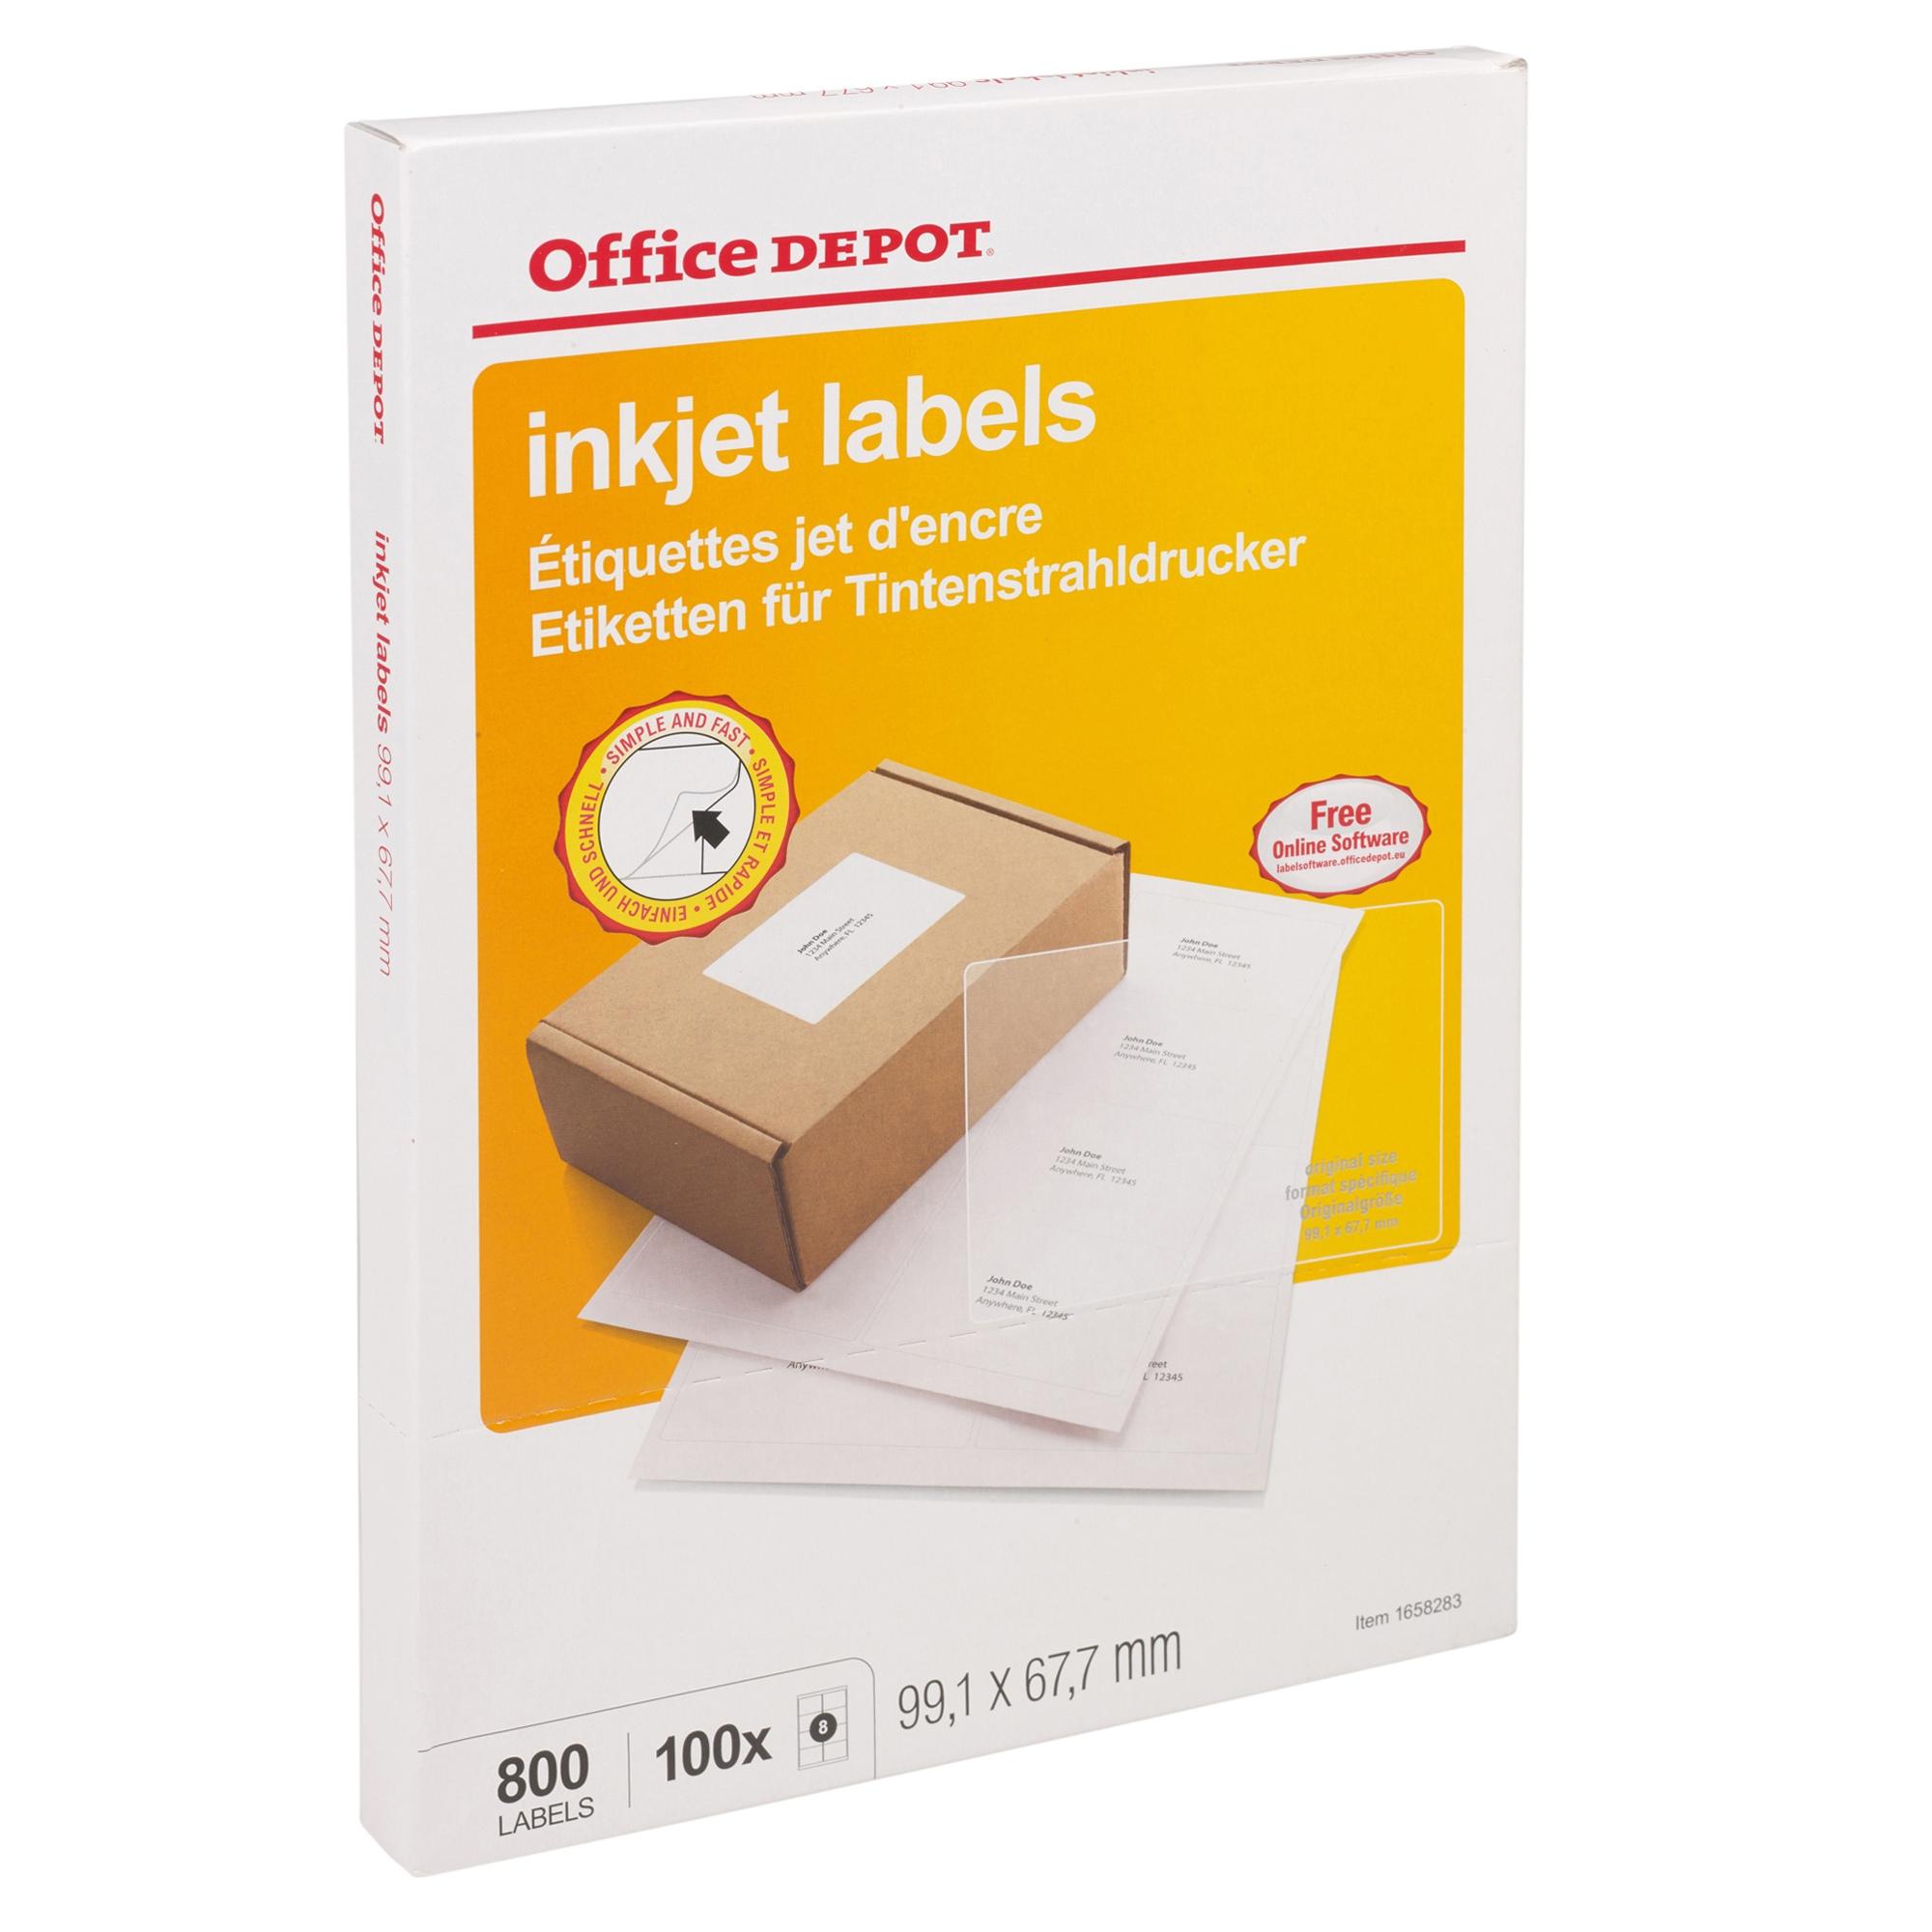 office depot self adhesive white sticky address labels for inkjet laser printer ebay. Black Bedroom Furniture Sets. Home Design Ideas